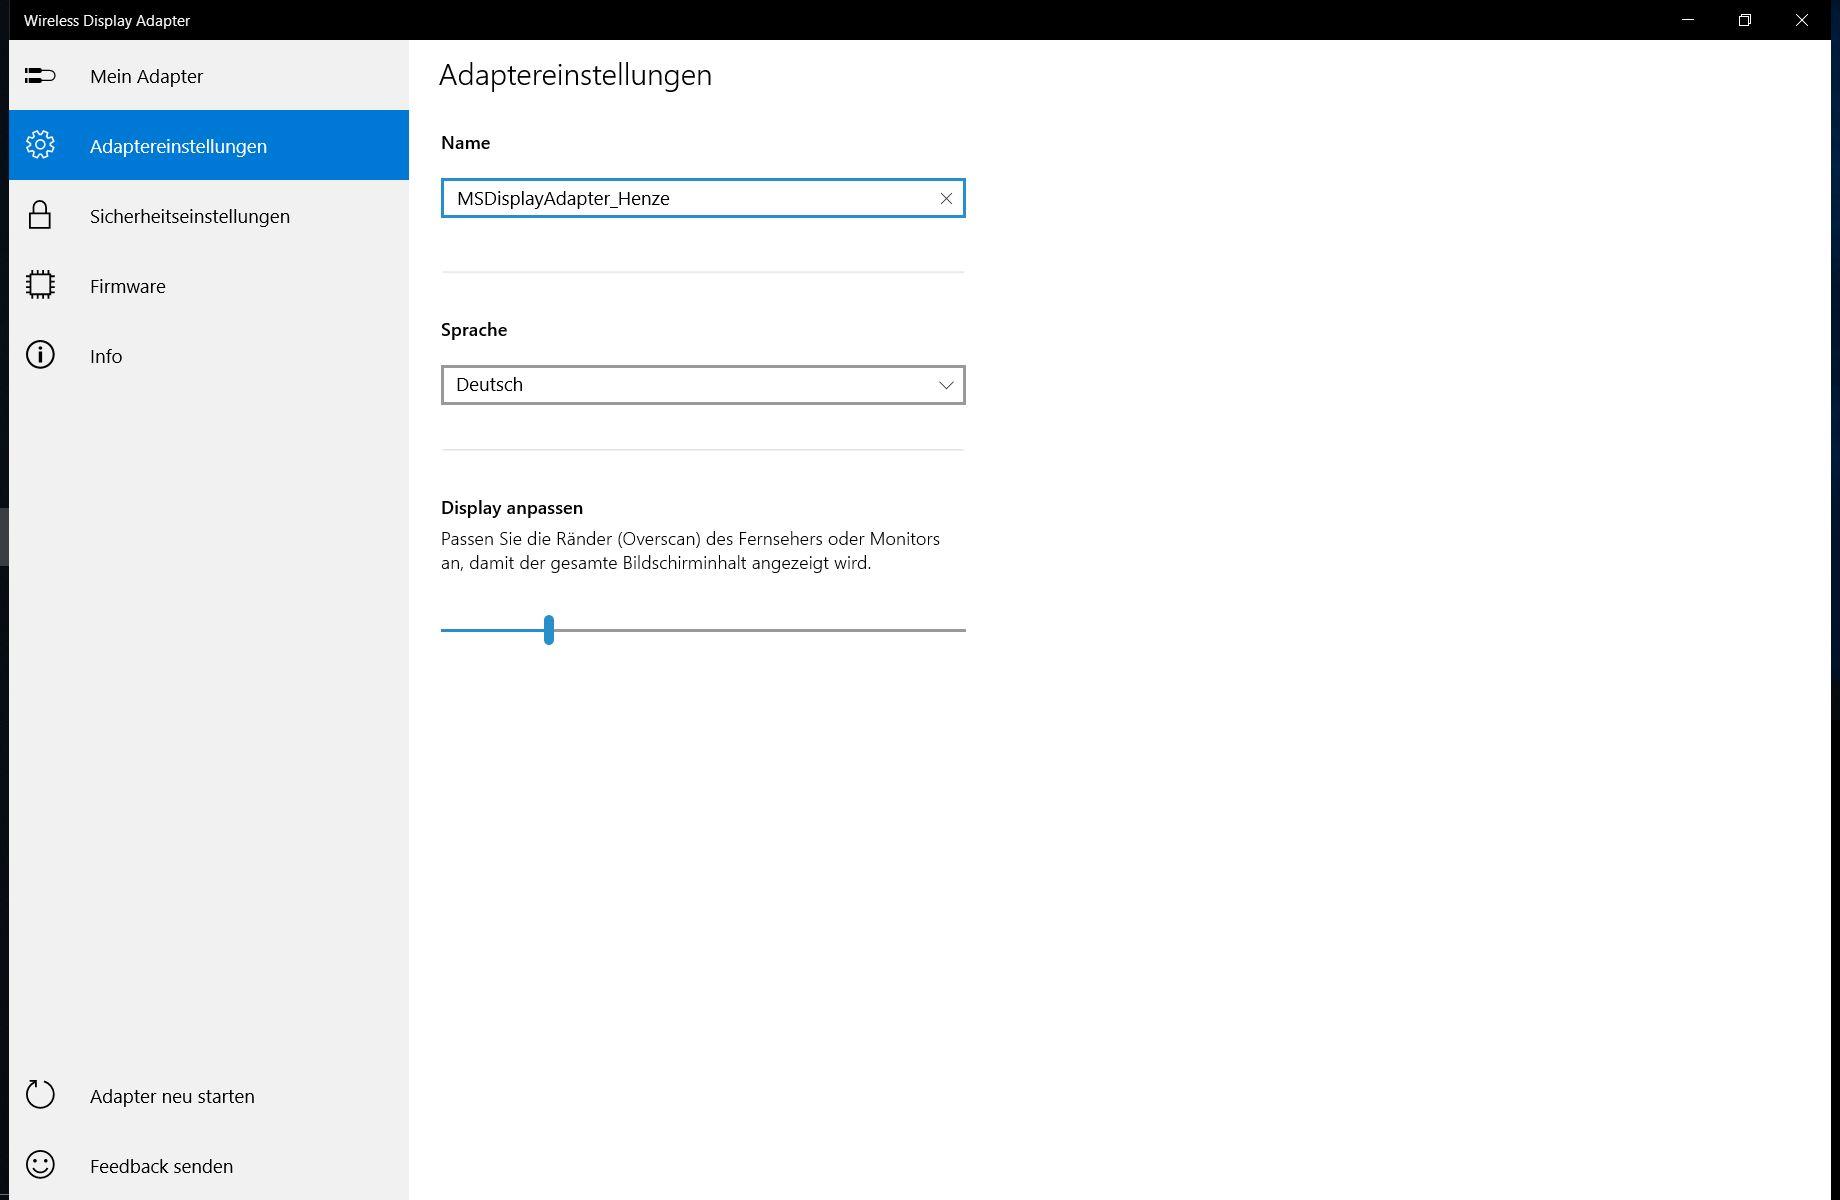 Microsoft Wireless Adapter - Einstellungen